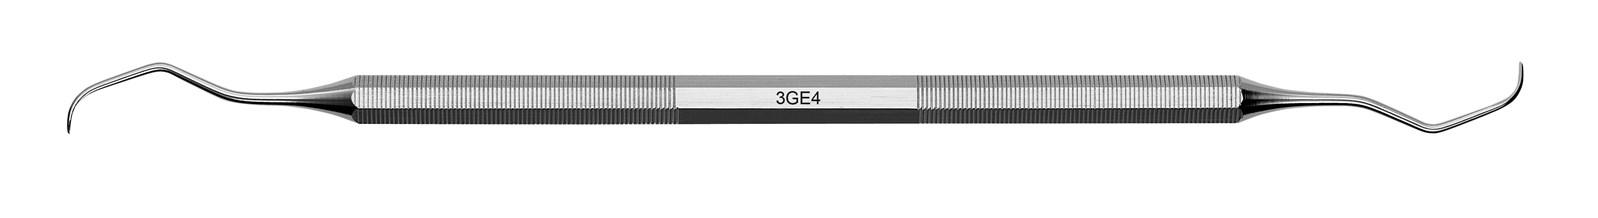 Kyreta Gracey Classic - 3GE4, ADEP silikonový návlek růžový